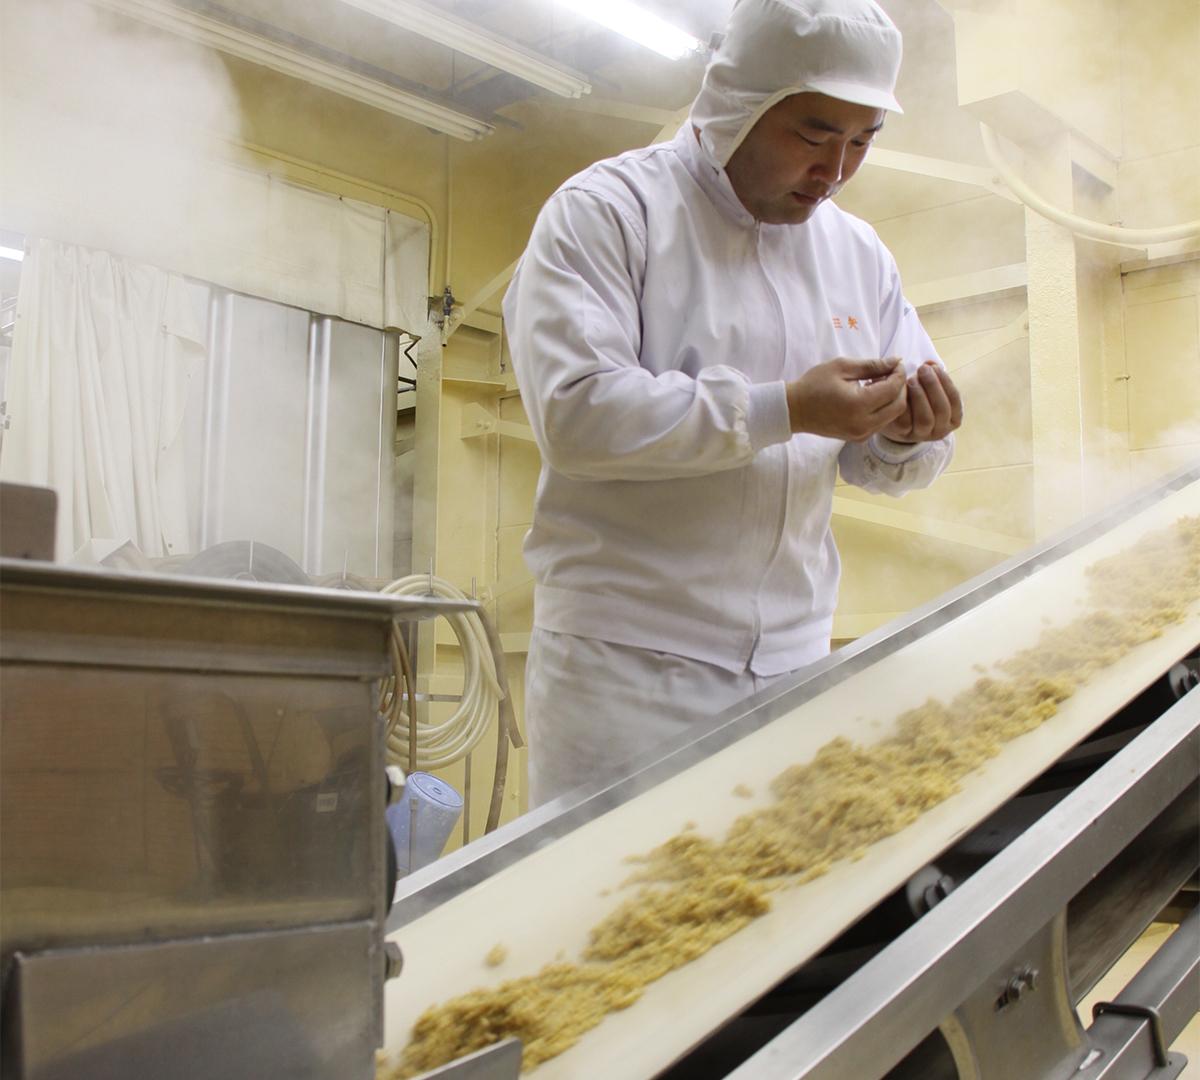 鹿児島・枕崎市の名人がつくる最高級品「本枯れ節」をはじめ、北海道利尻産の「昆布」、大分県産の肉厚な「どんこ(椎茸)」など、妥協しない原料選びによって化学調味料・食品添加物を一切使用しない「白だし」が生まれました。|錦爽(きんそう)|丸トポートリー食品